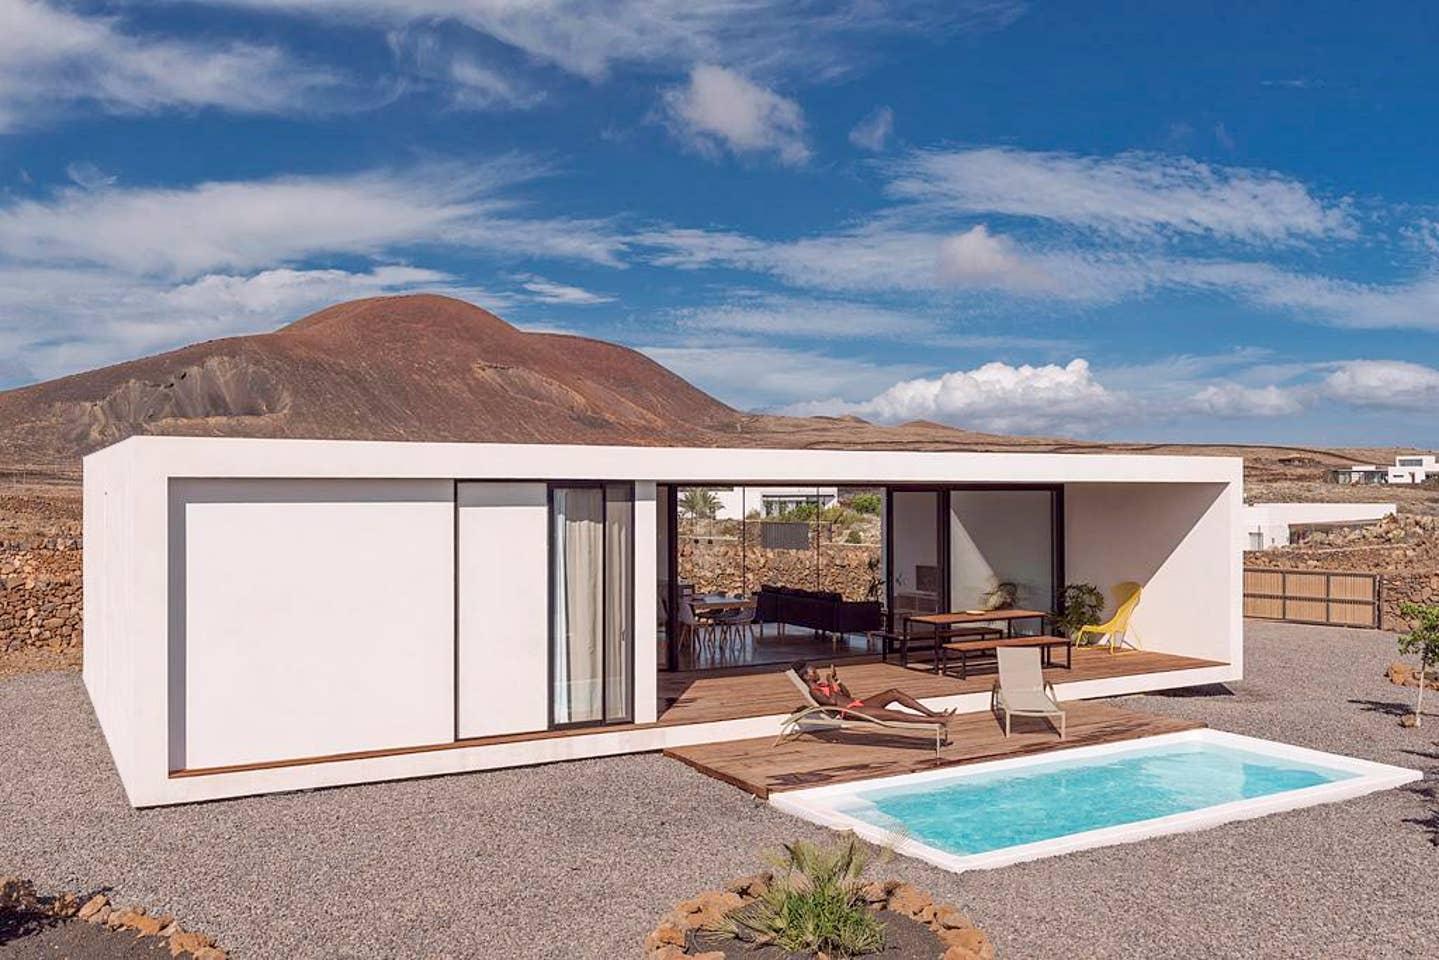 Minimalist house with heated pool